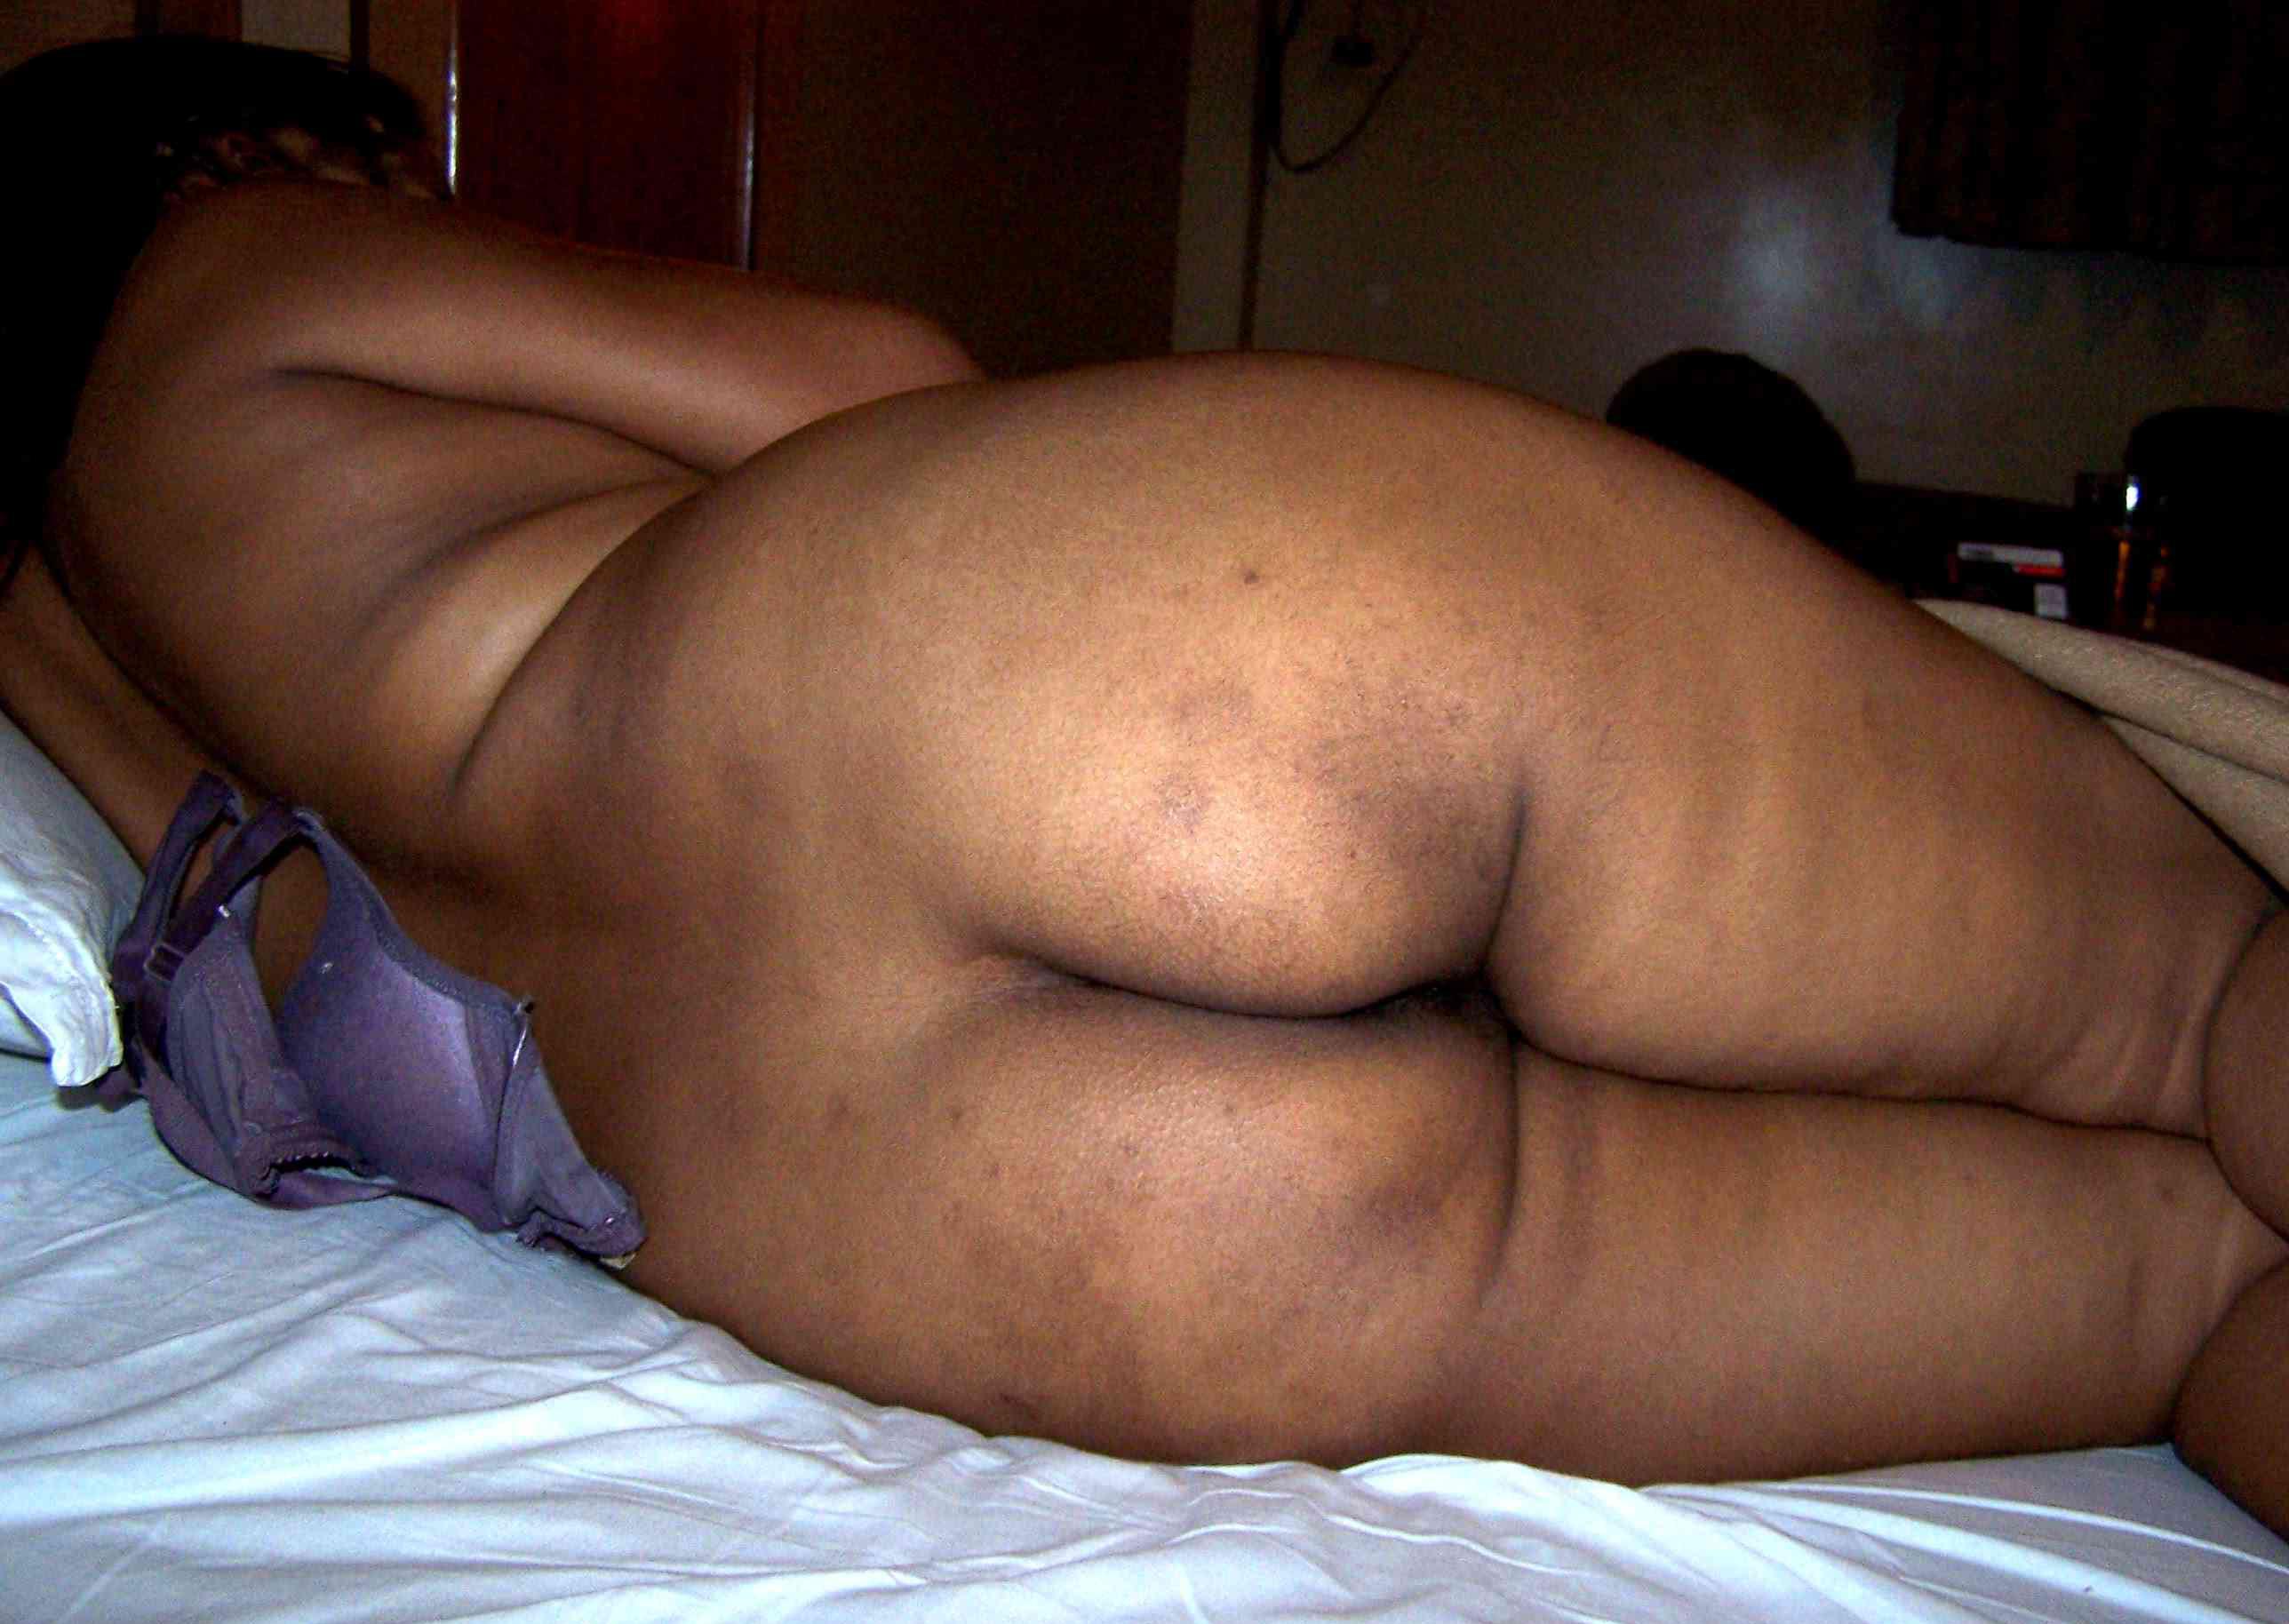 Indian big butt naked photos